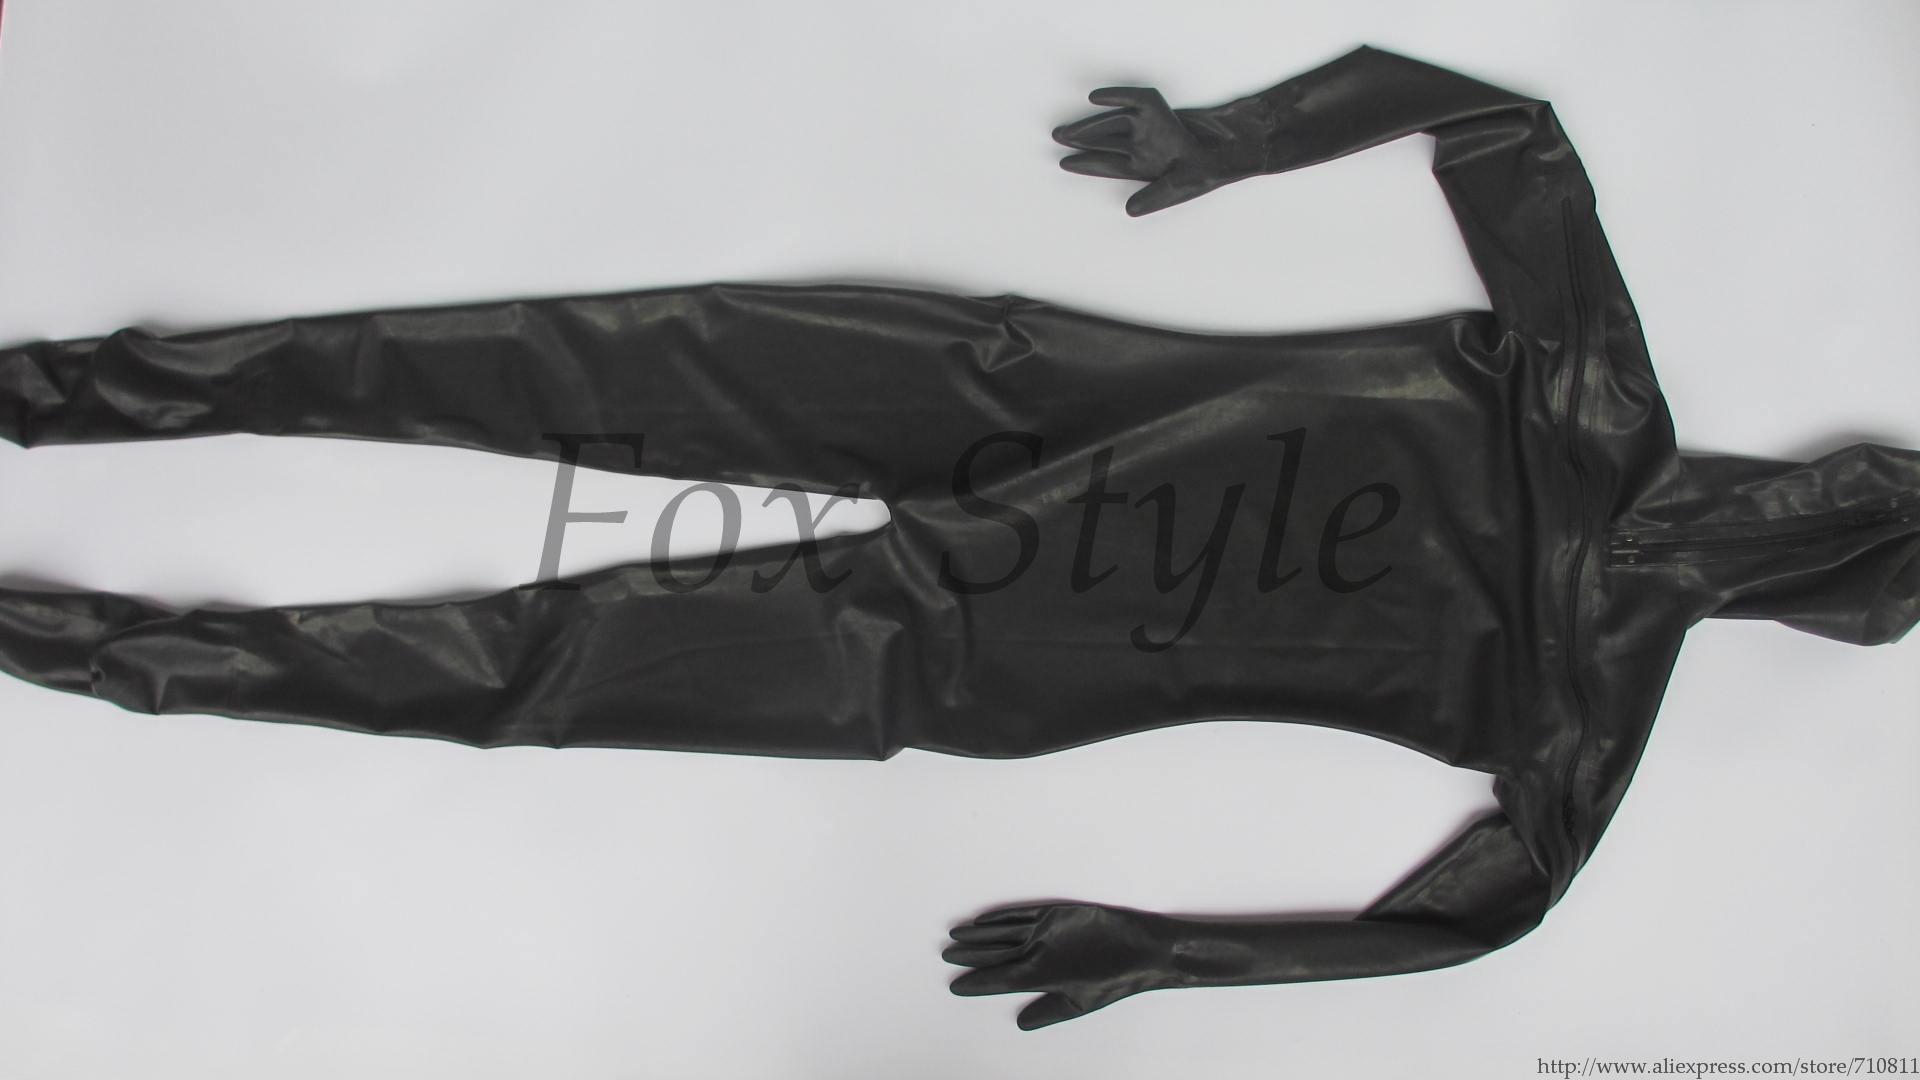 Полный костюм боди латексная zentai резиновая одежда с молнией сзади грудь молния aeProduct.getSubject()